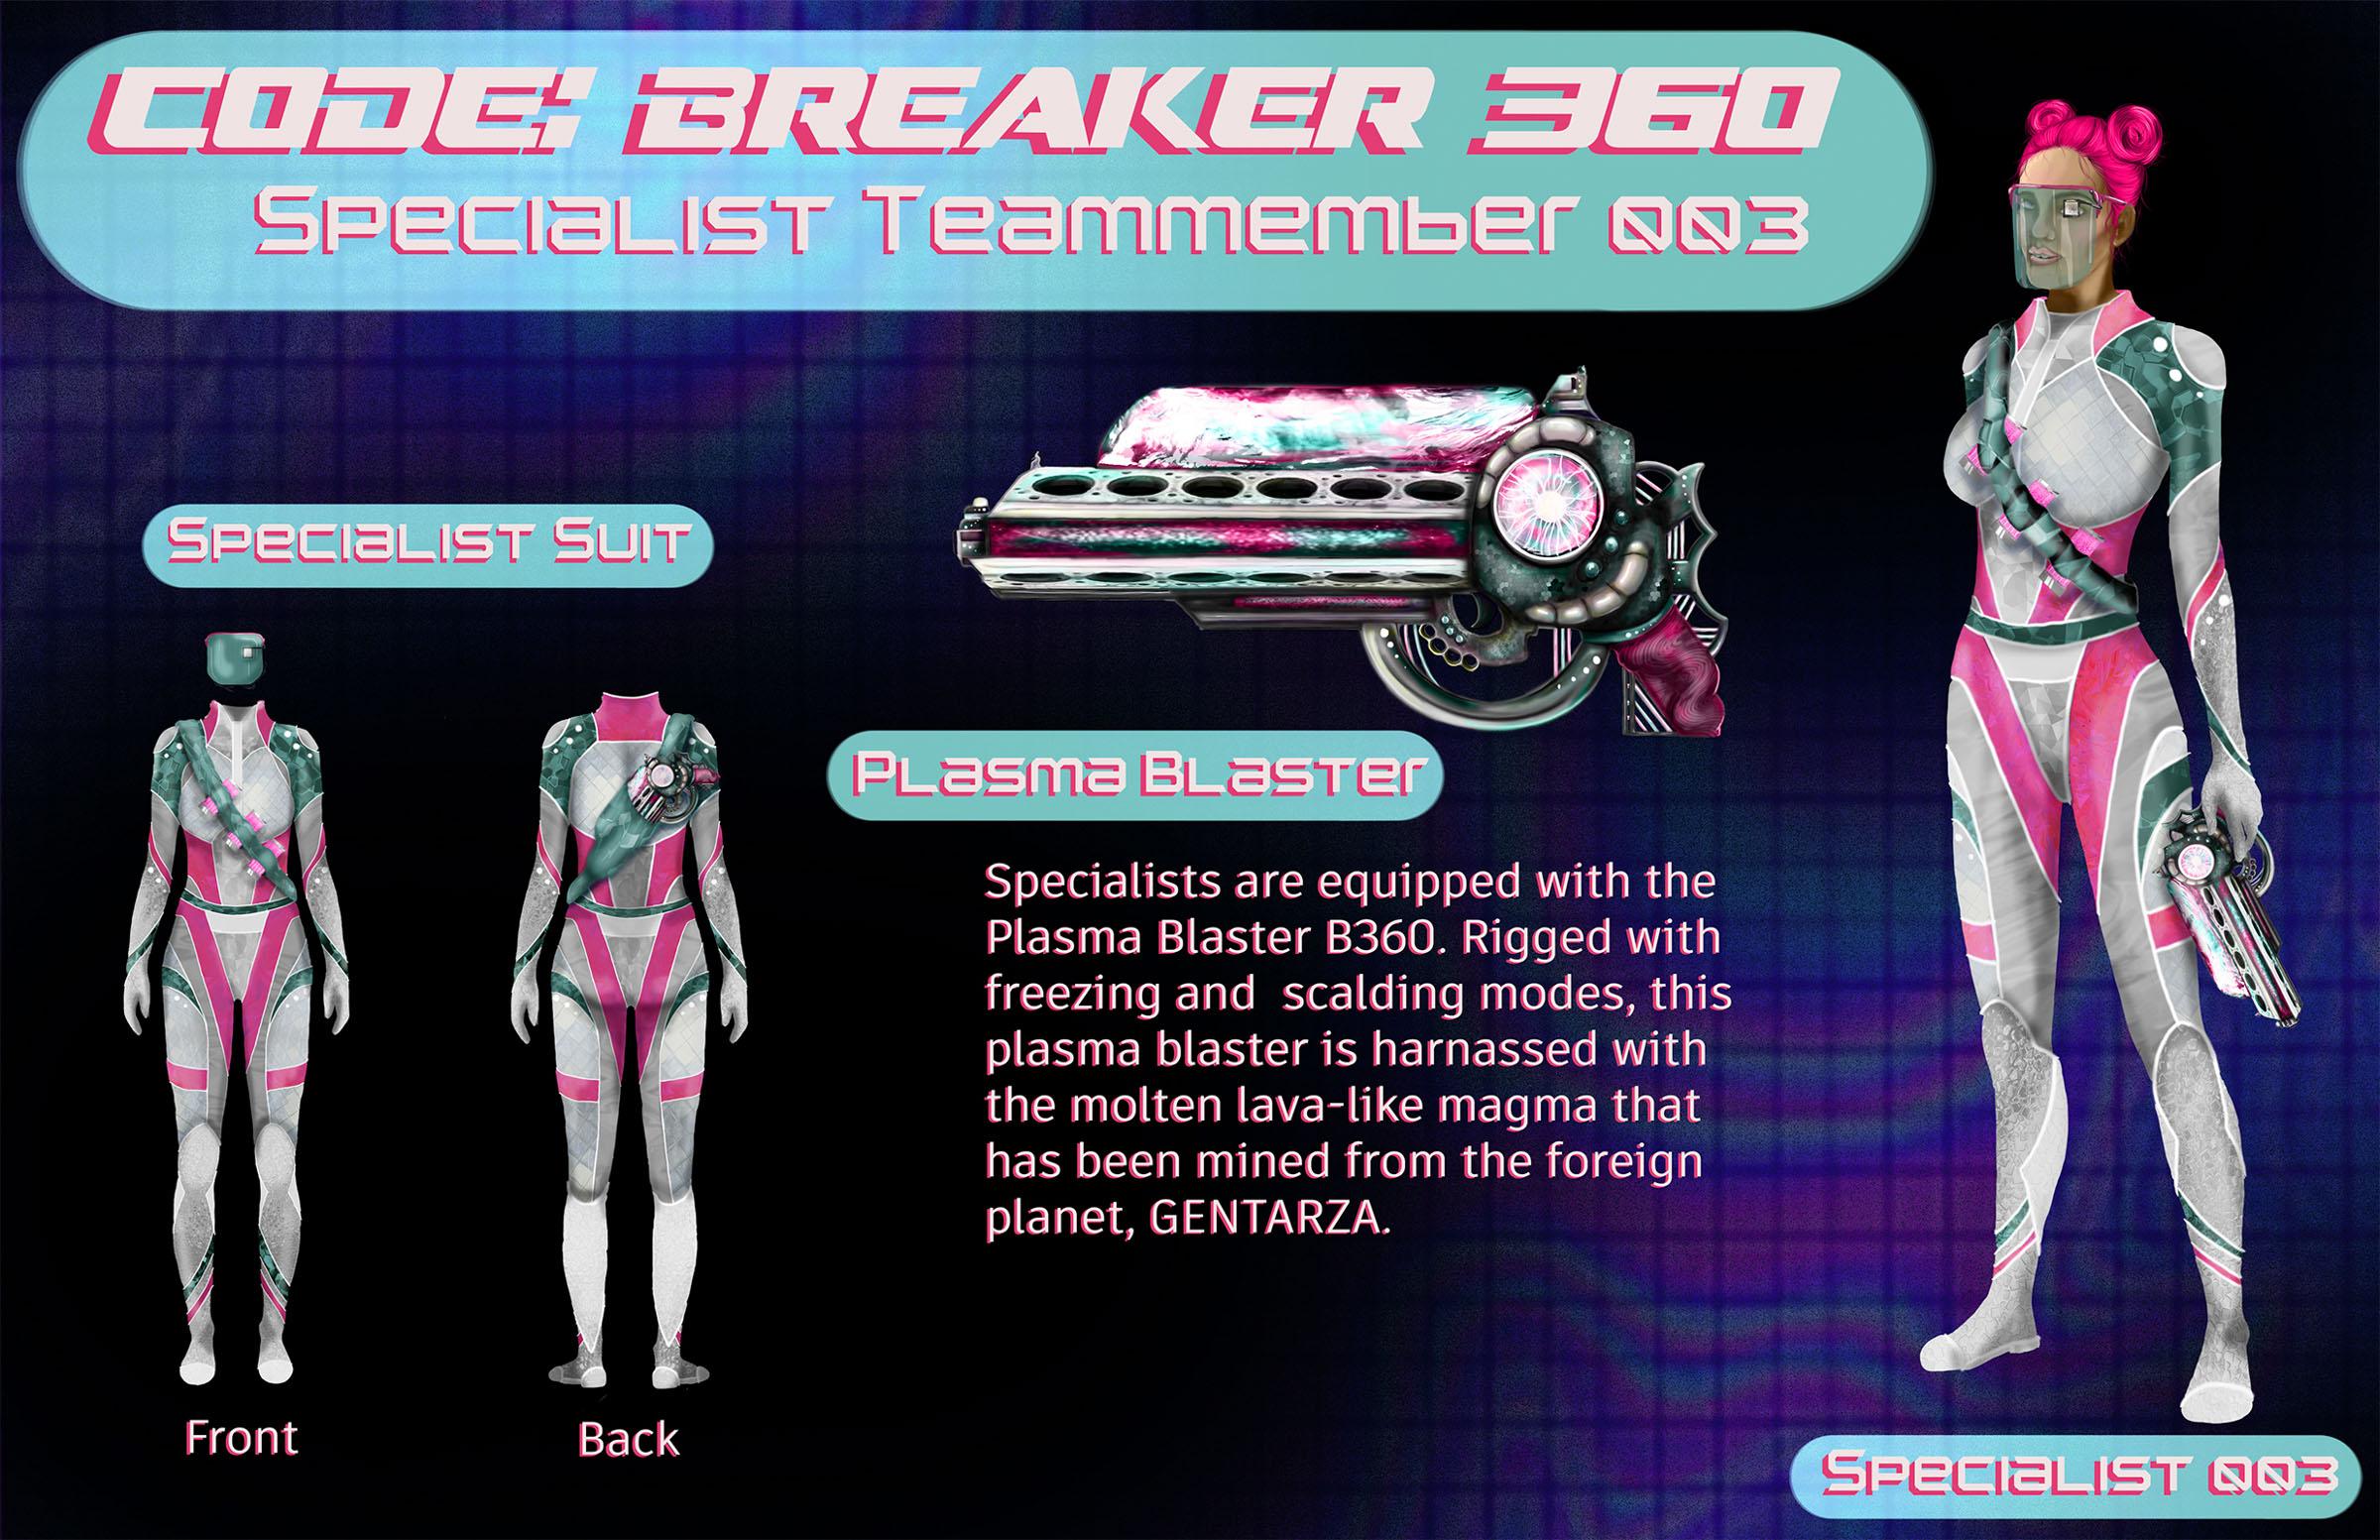 Code Breaker 360